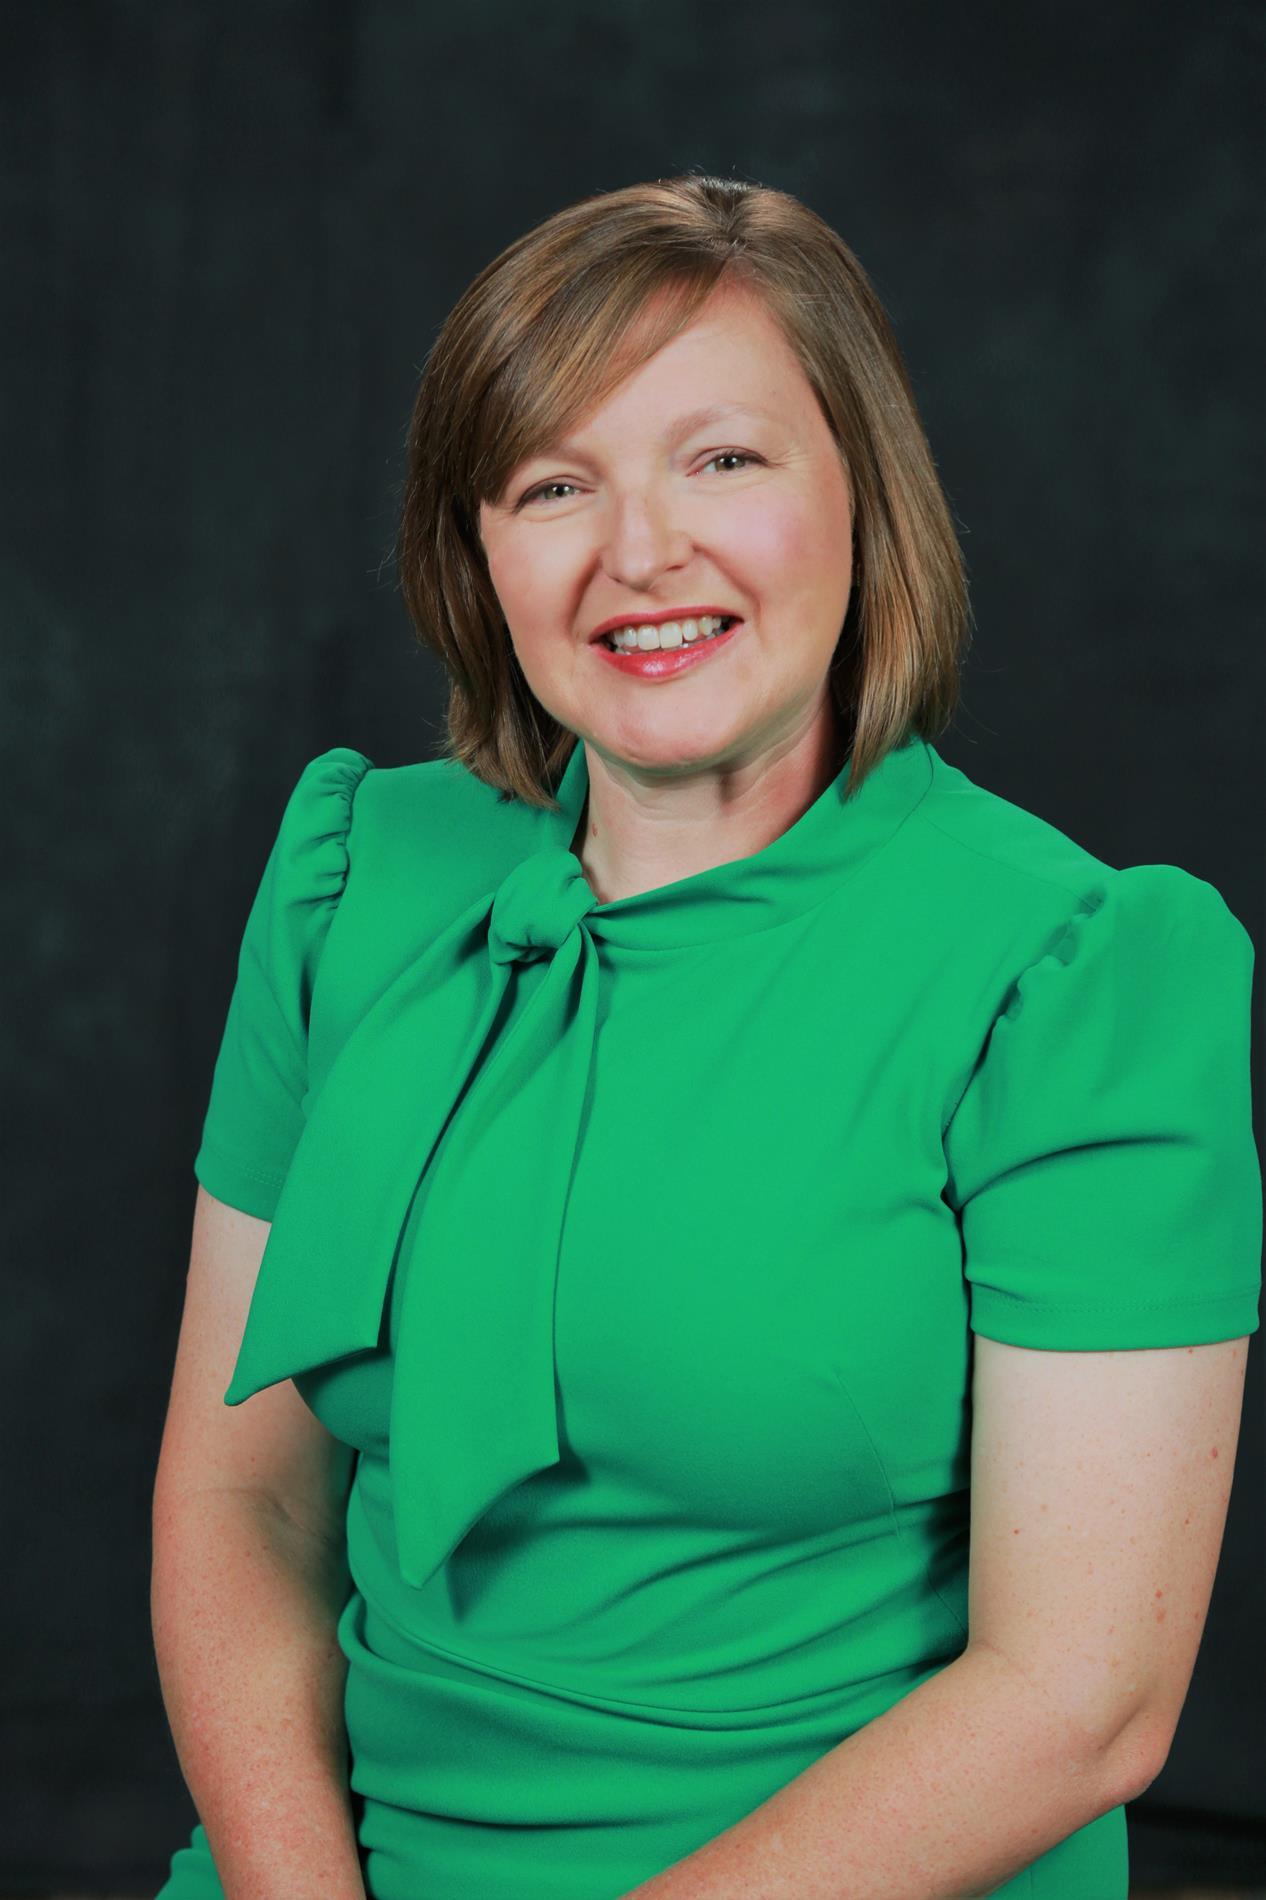 Dr. Amanda Jones- Principal